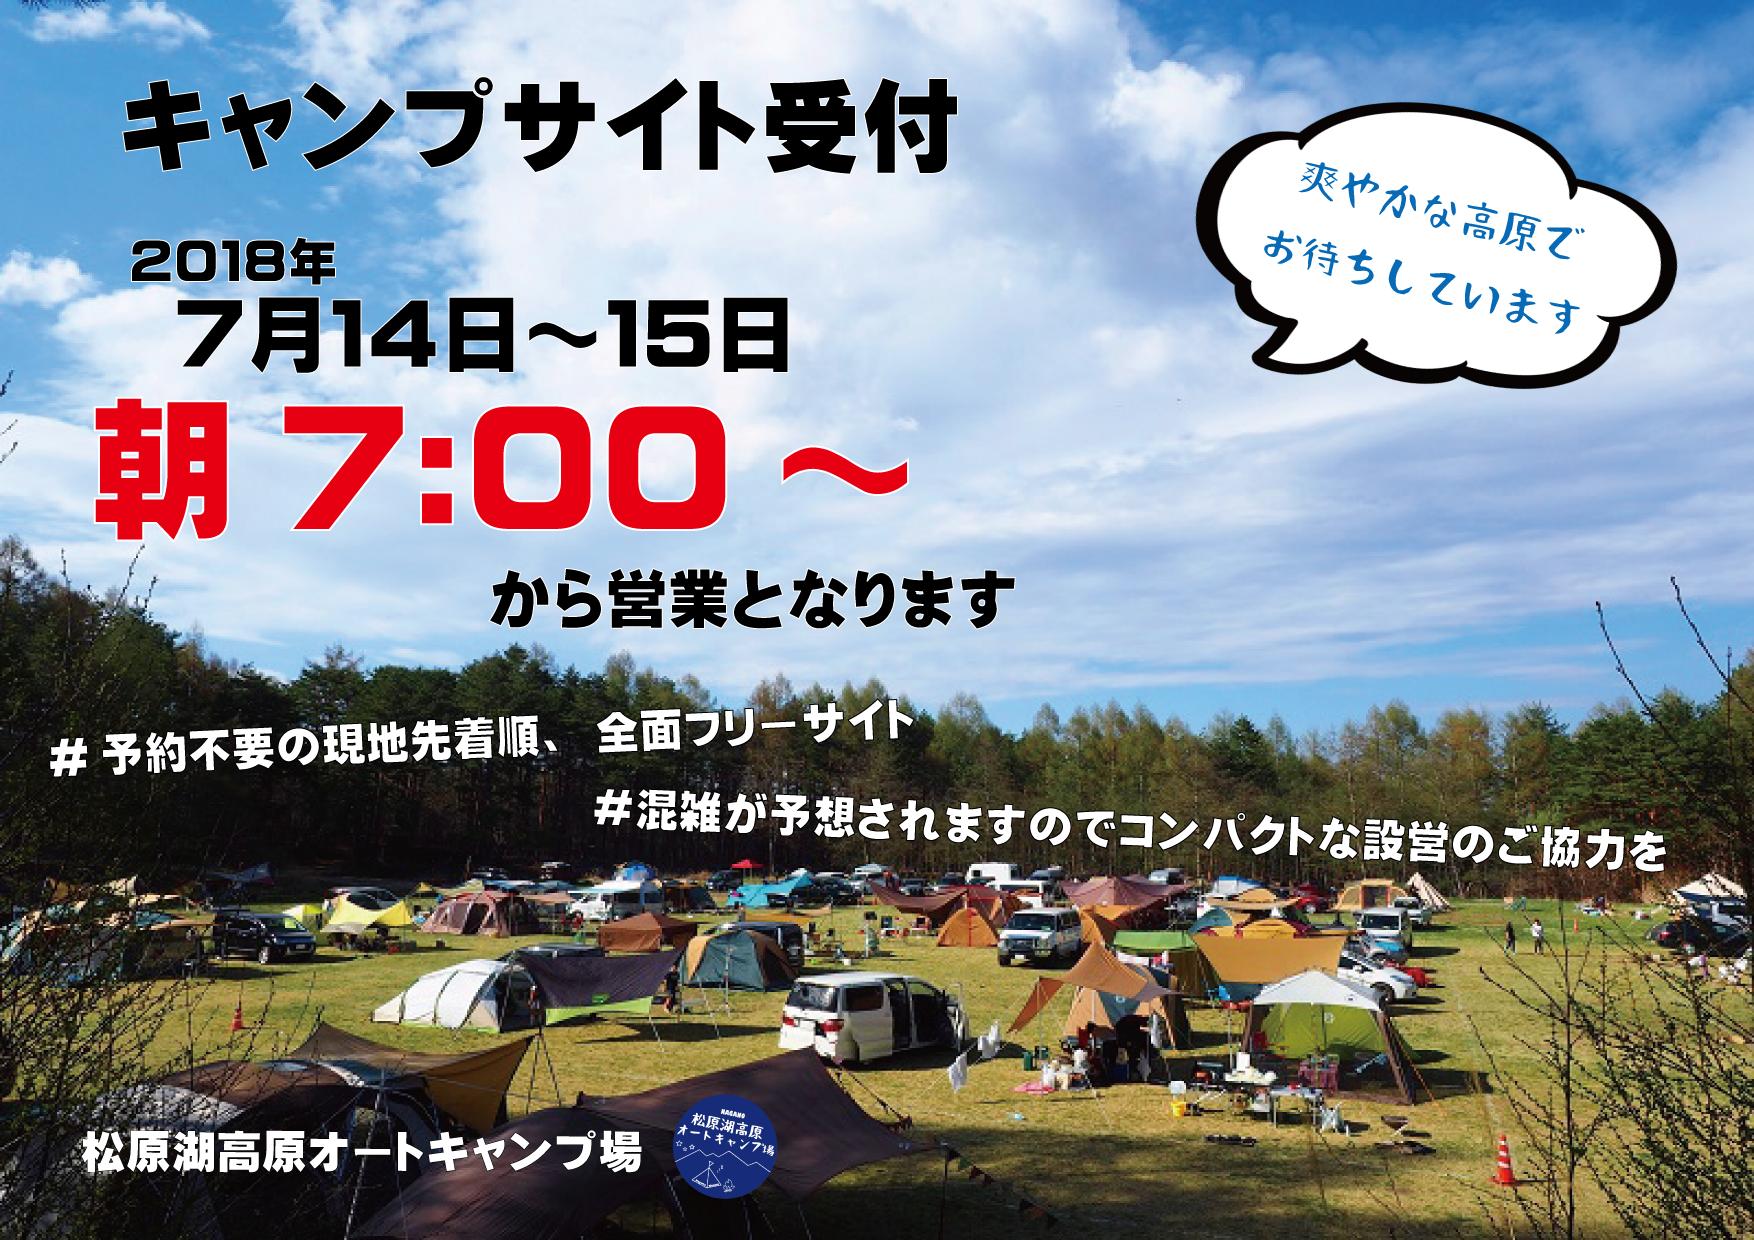 PDF:7月連休時のキャンプサイトご利用について